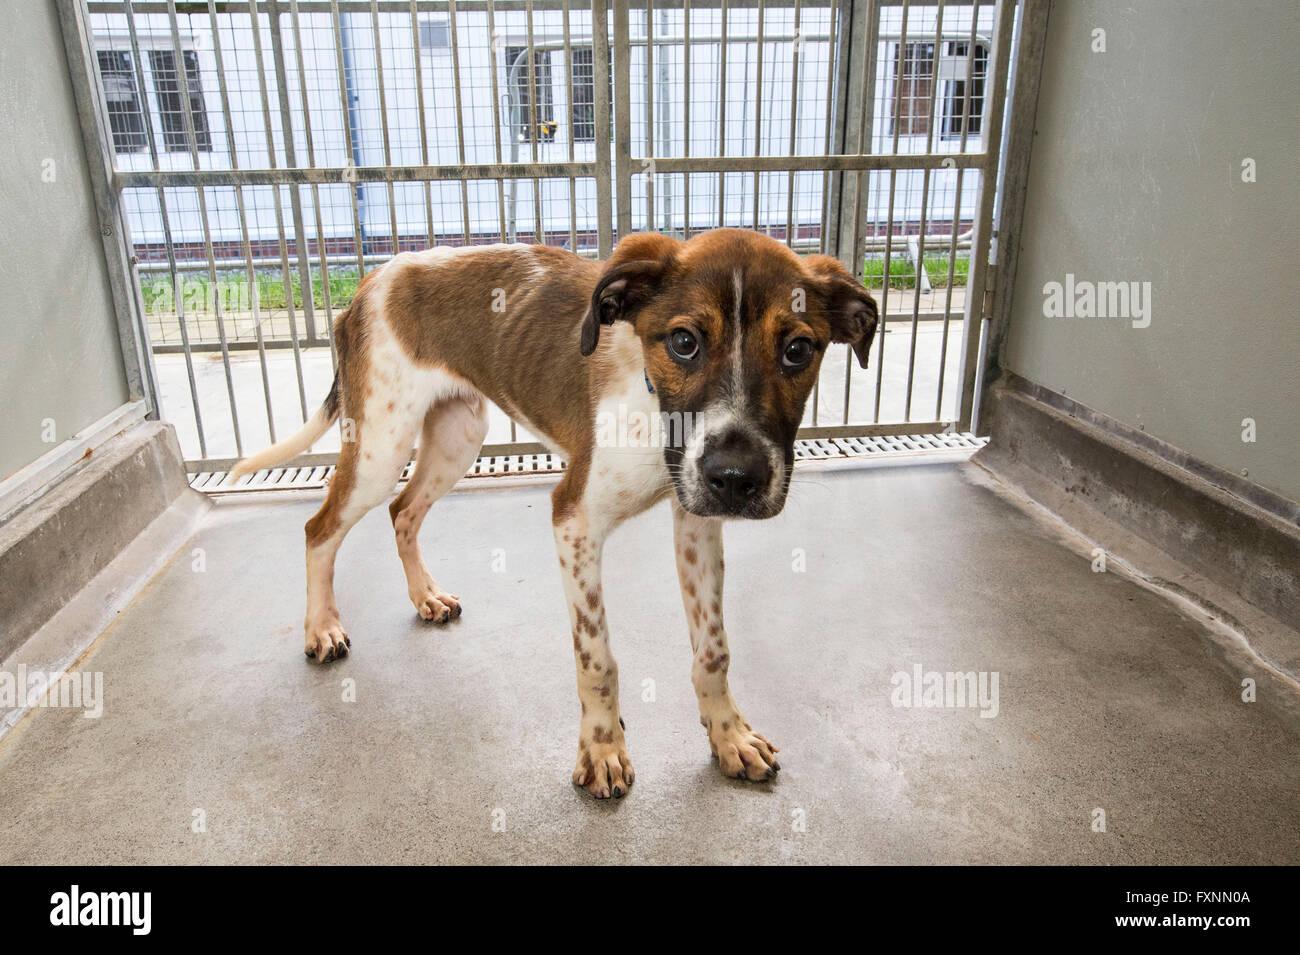 Perro abandonado en el centro de rescate Imagen De Stock